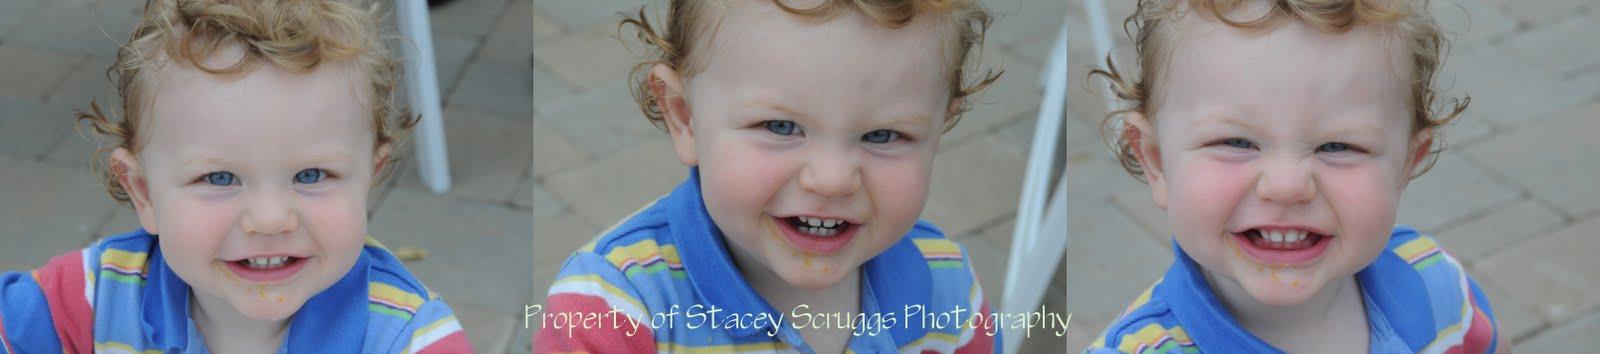 [Felix+smiling+strip+watermark.jpg]